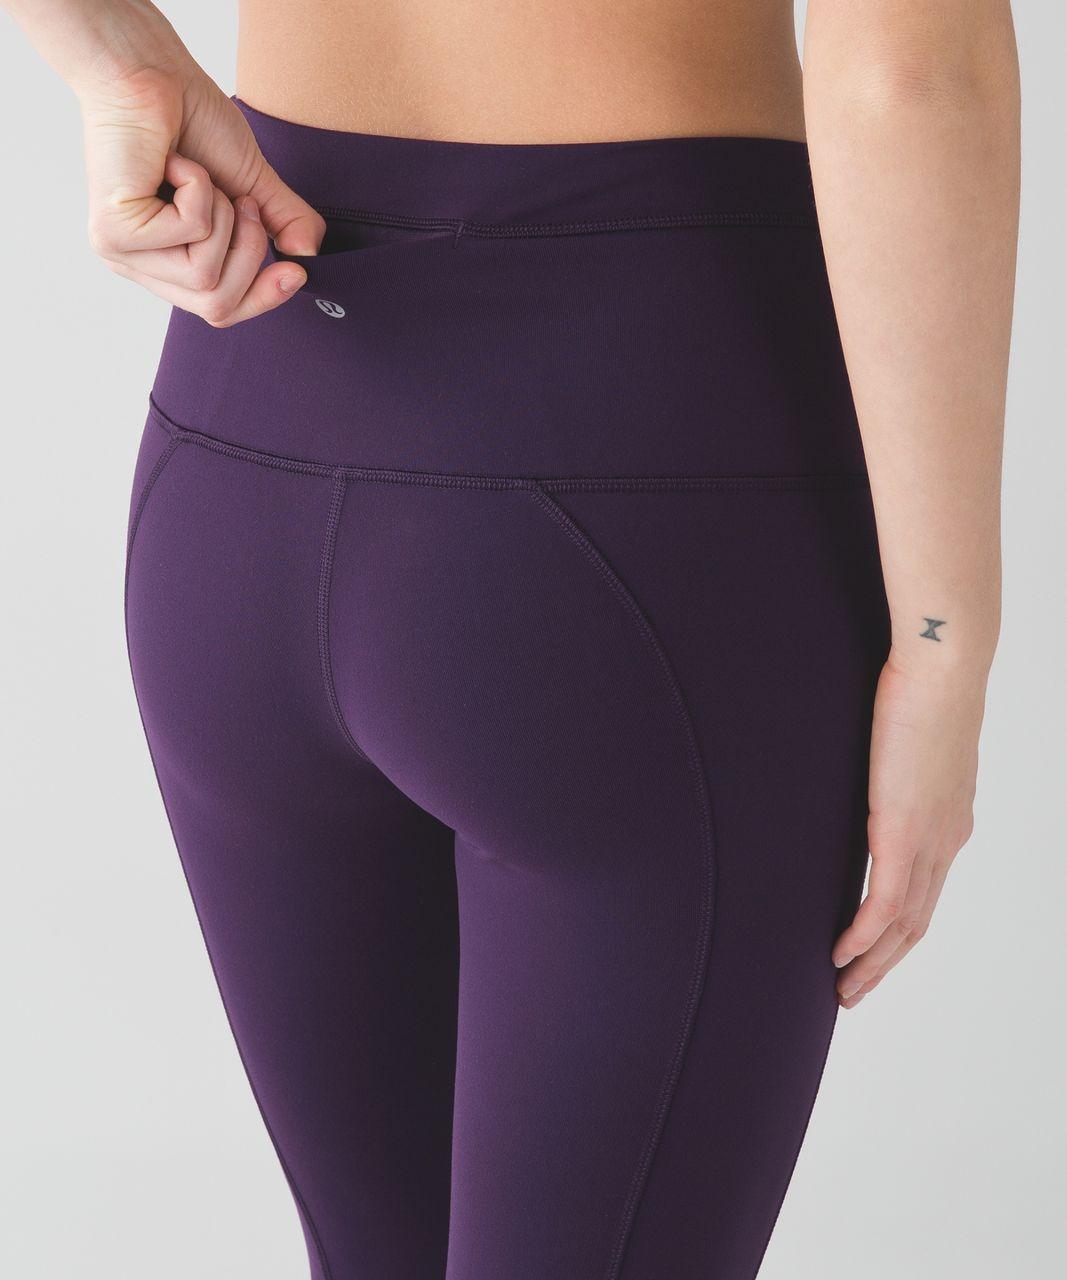 Lululemon Pure Practice Pant - Deep Zinfandel